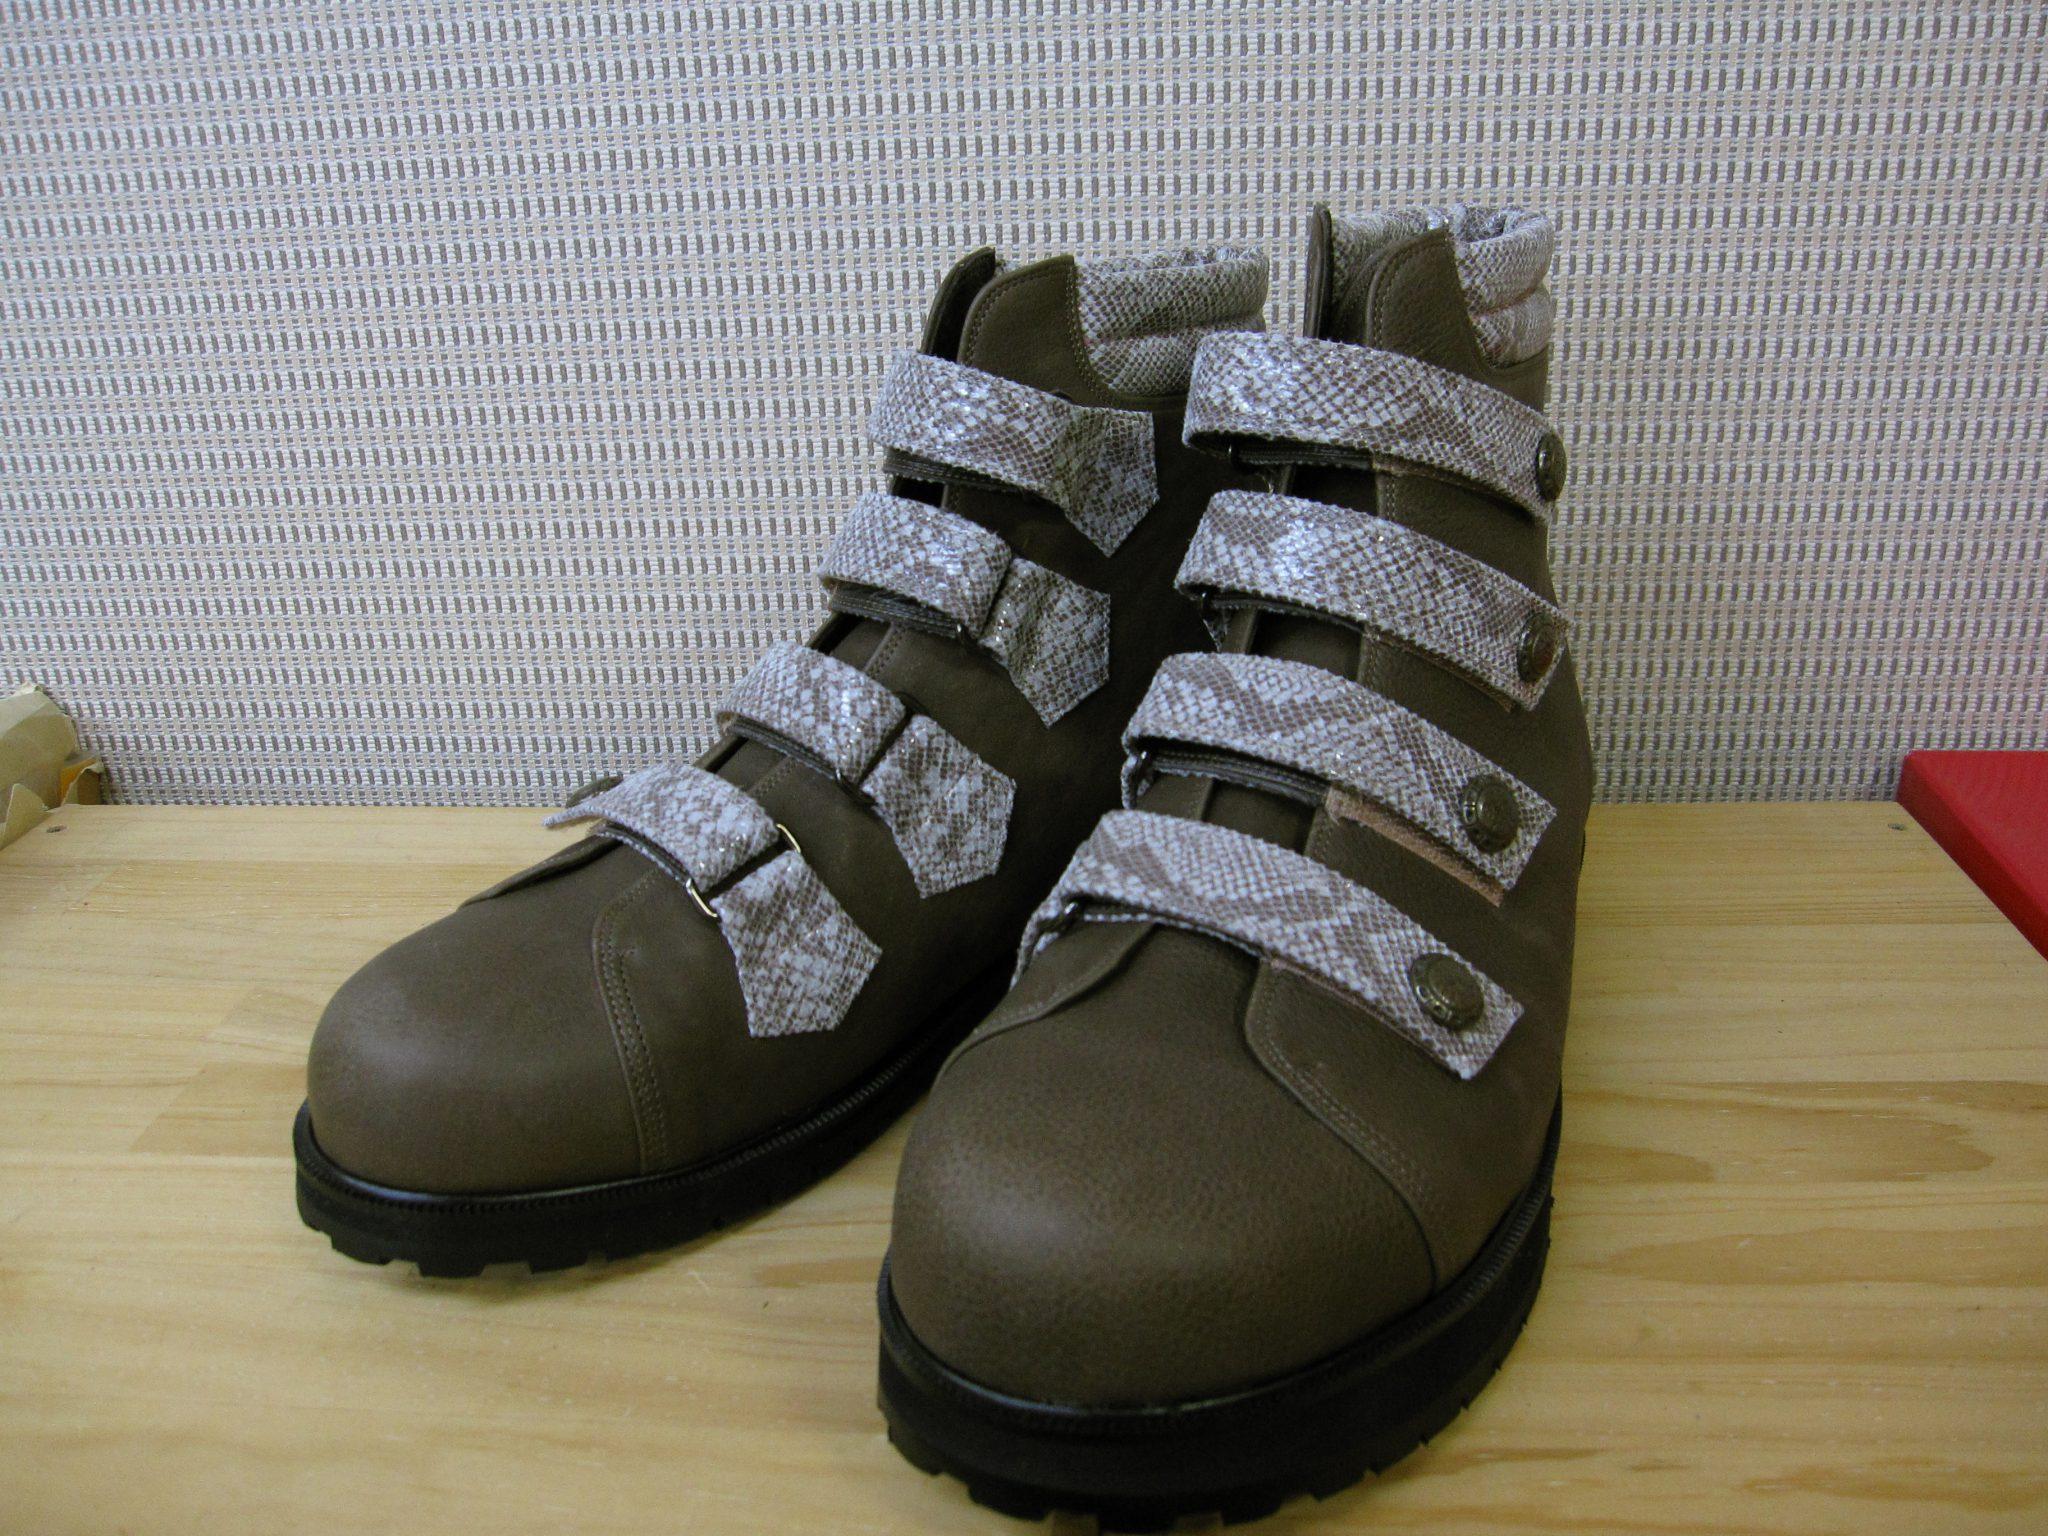 脳血管障害・脳梗塞の方にやさしい靴・オーダーメイドシューズ